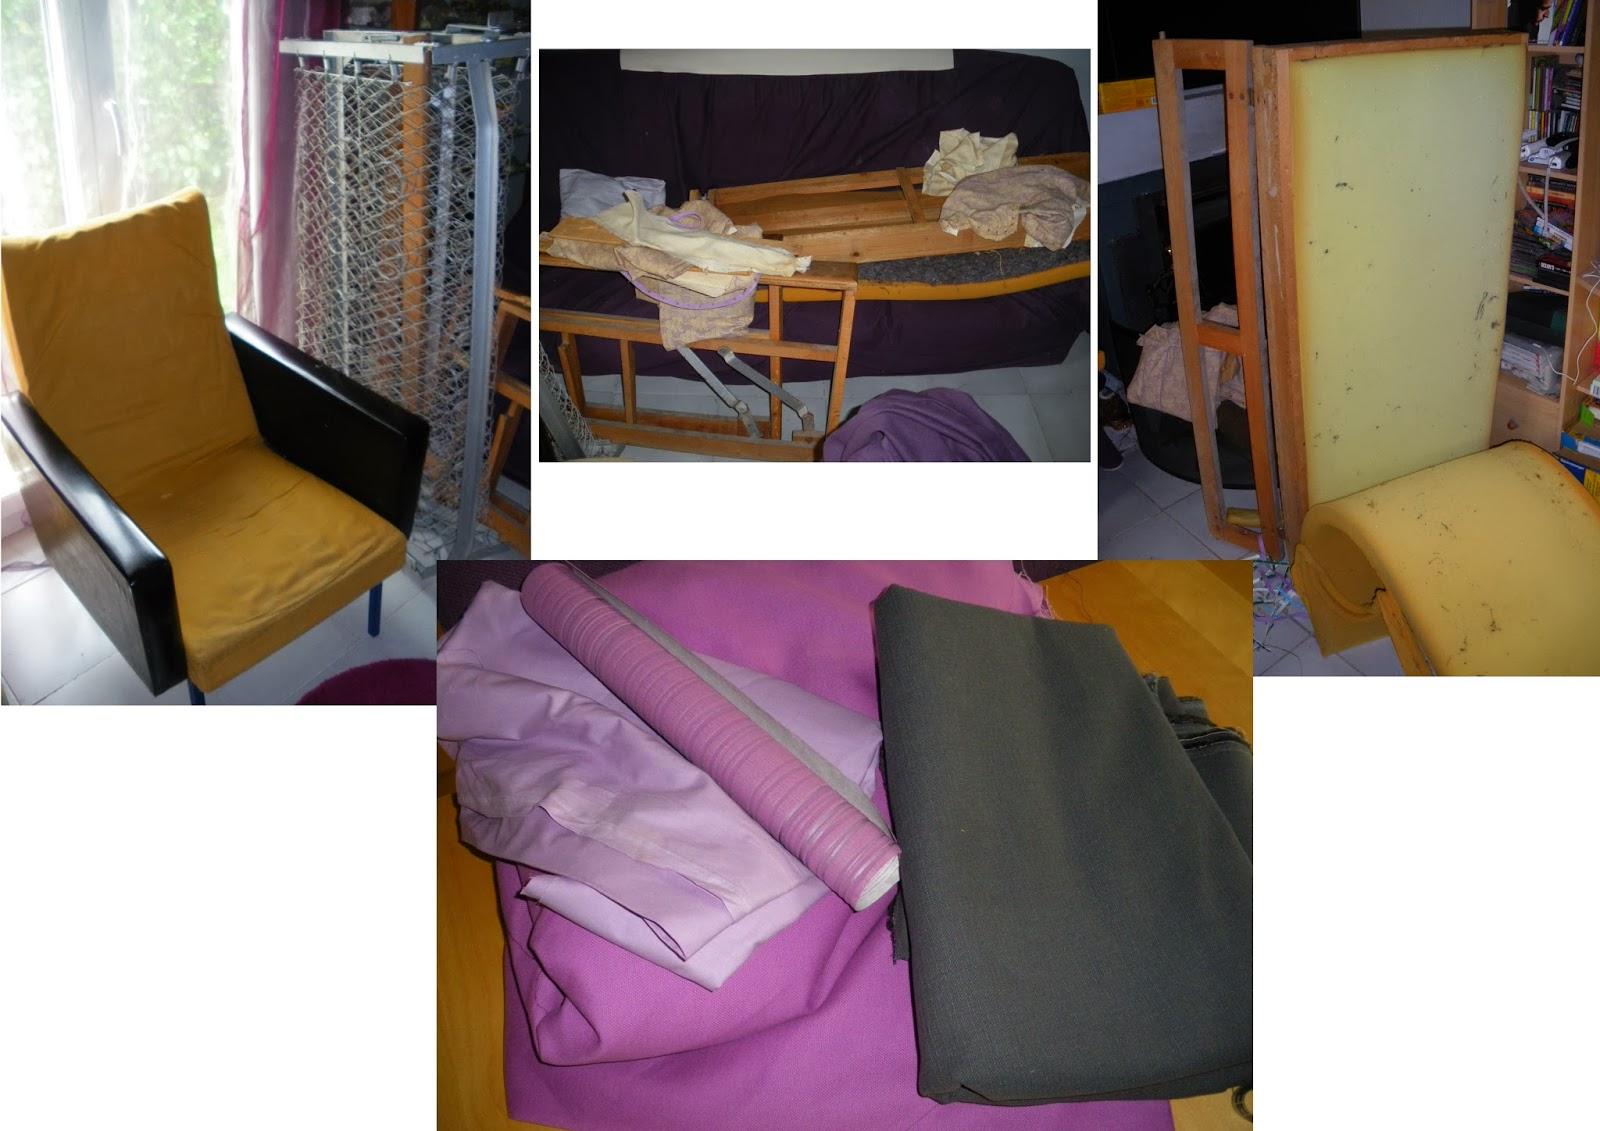 les bricol 39 d 39 la tortue r novation canap et fauteuil. Black Bedroom Furniture Sets. Home Design Ideas